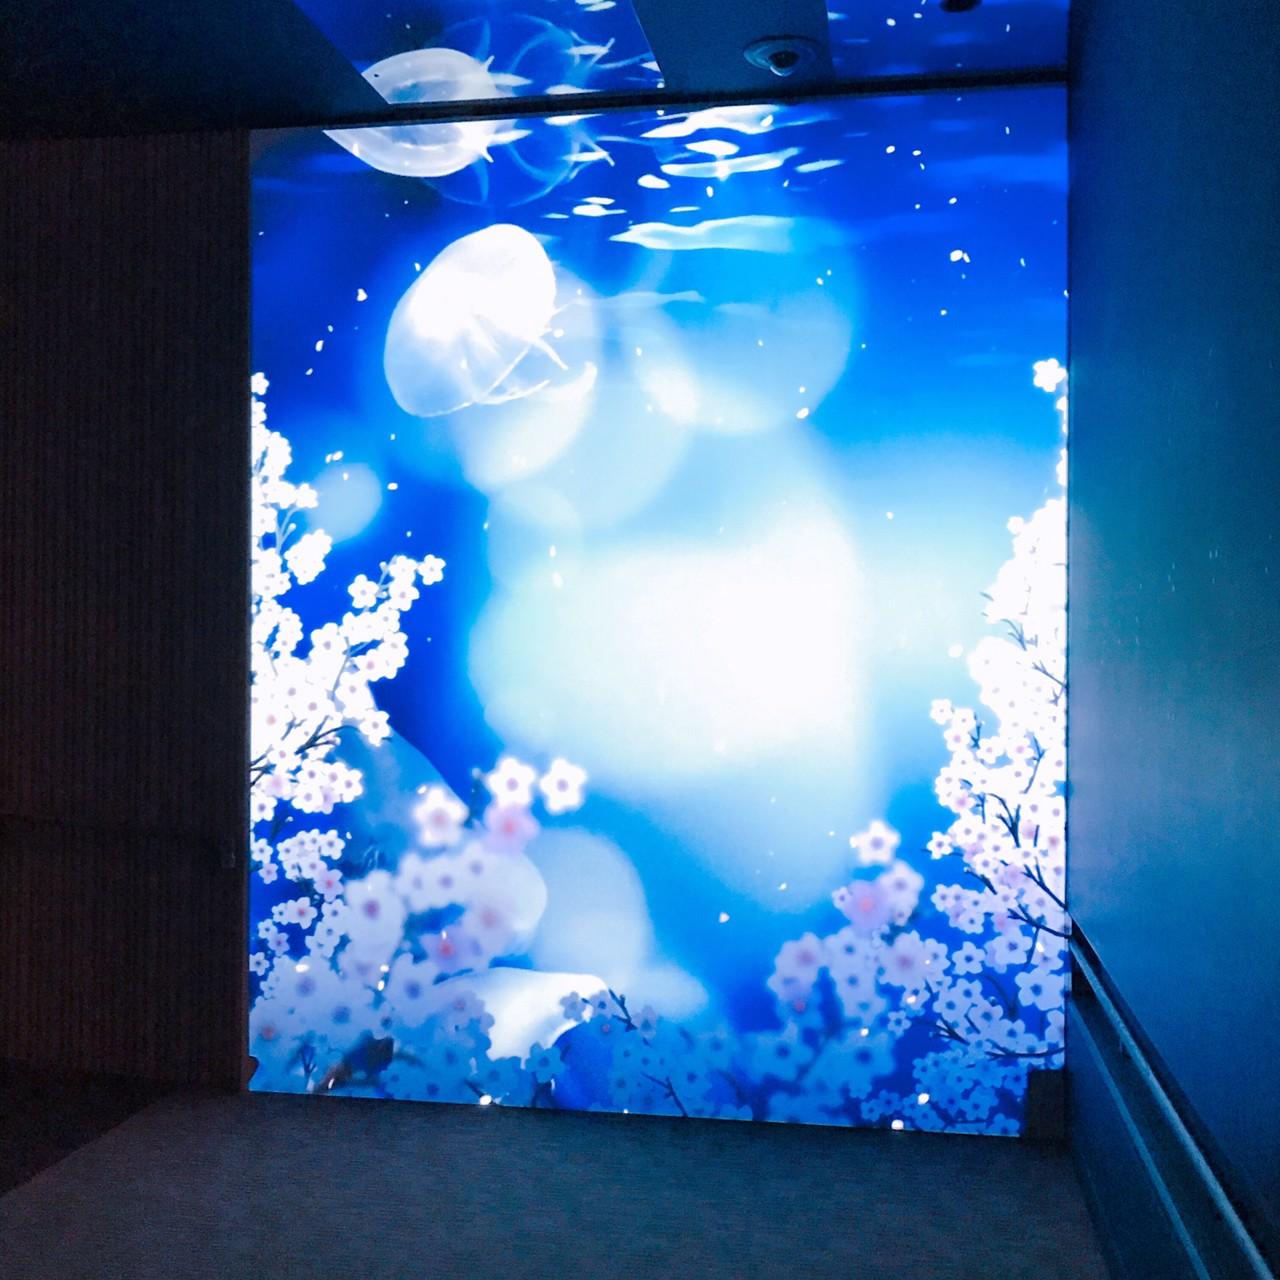 #ThisisCHOCO 【002】春を感じるインタラクティブアート「桜とクラゲ」で癒やしの休日を #nylonjp